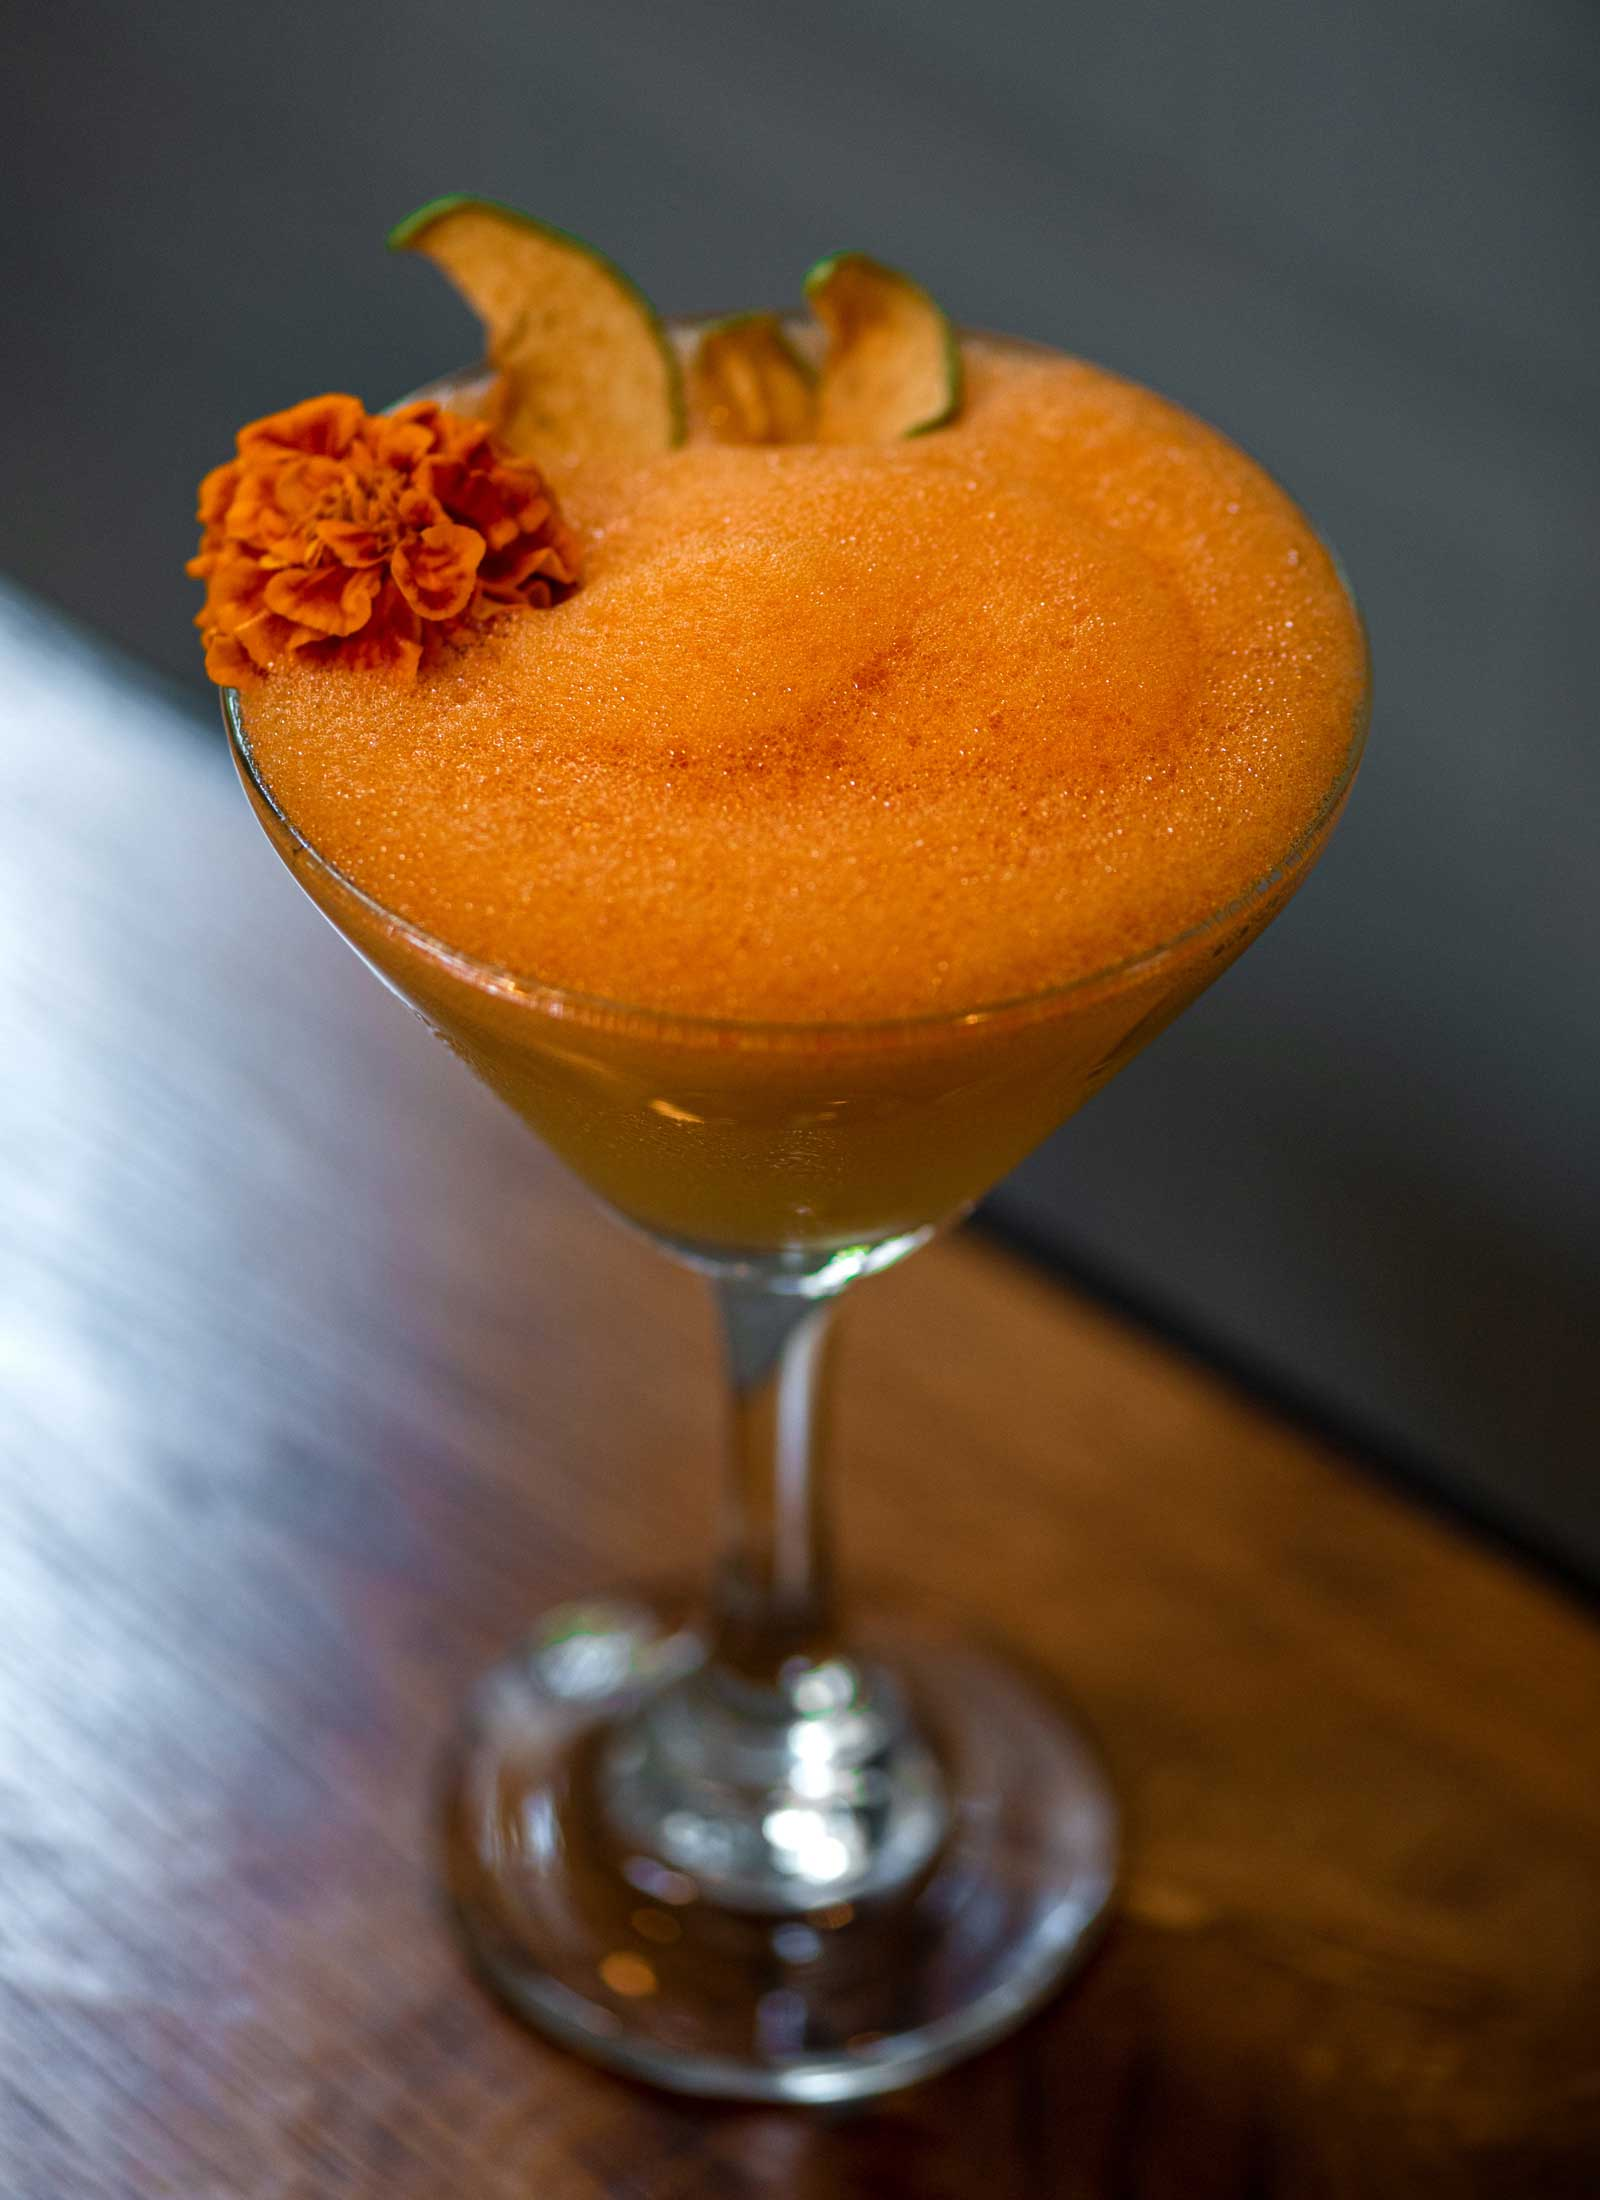 cocktail-espumoso-manzana-verde-sazon-estudio-como